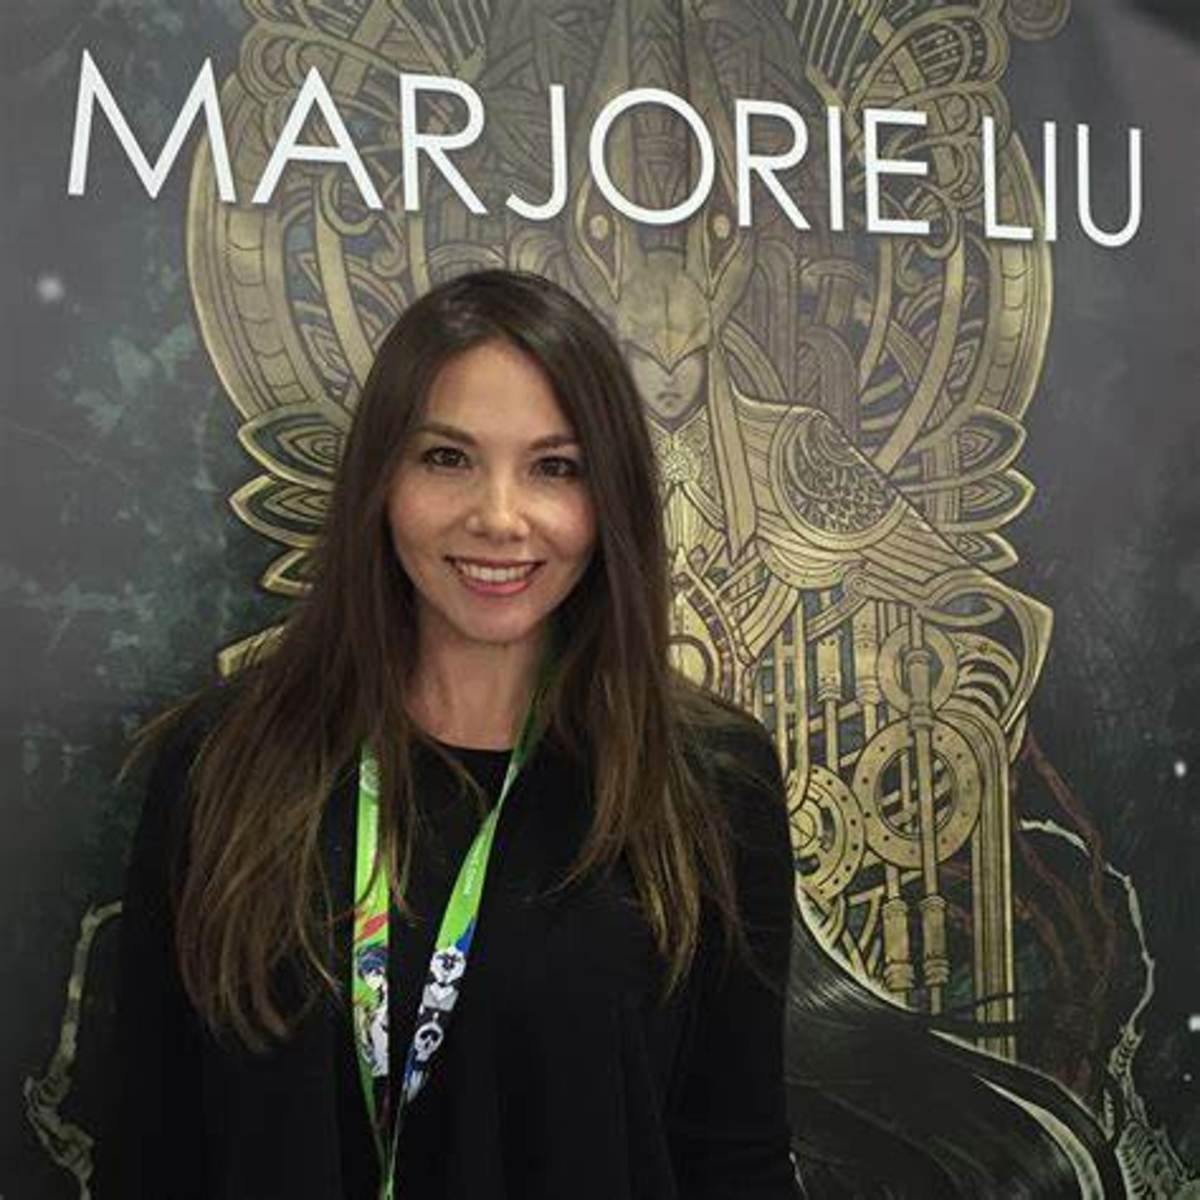 Majorie Liu, author of Monstress